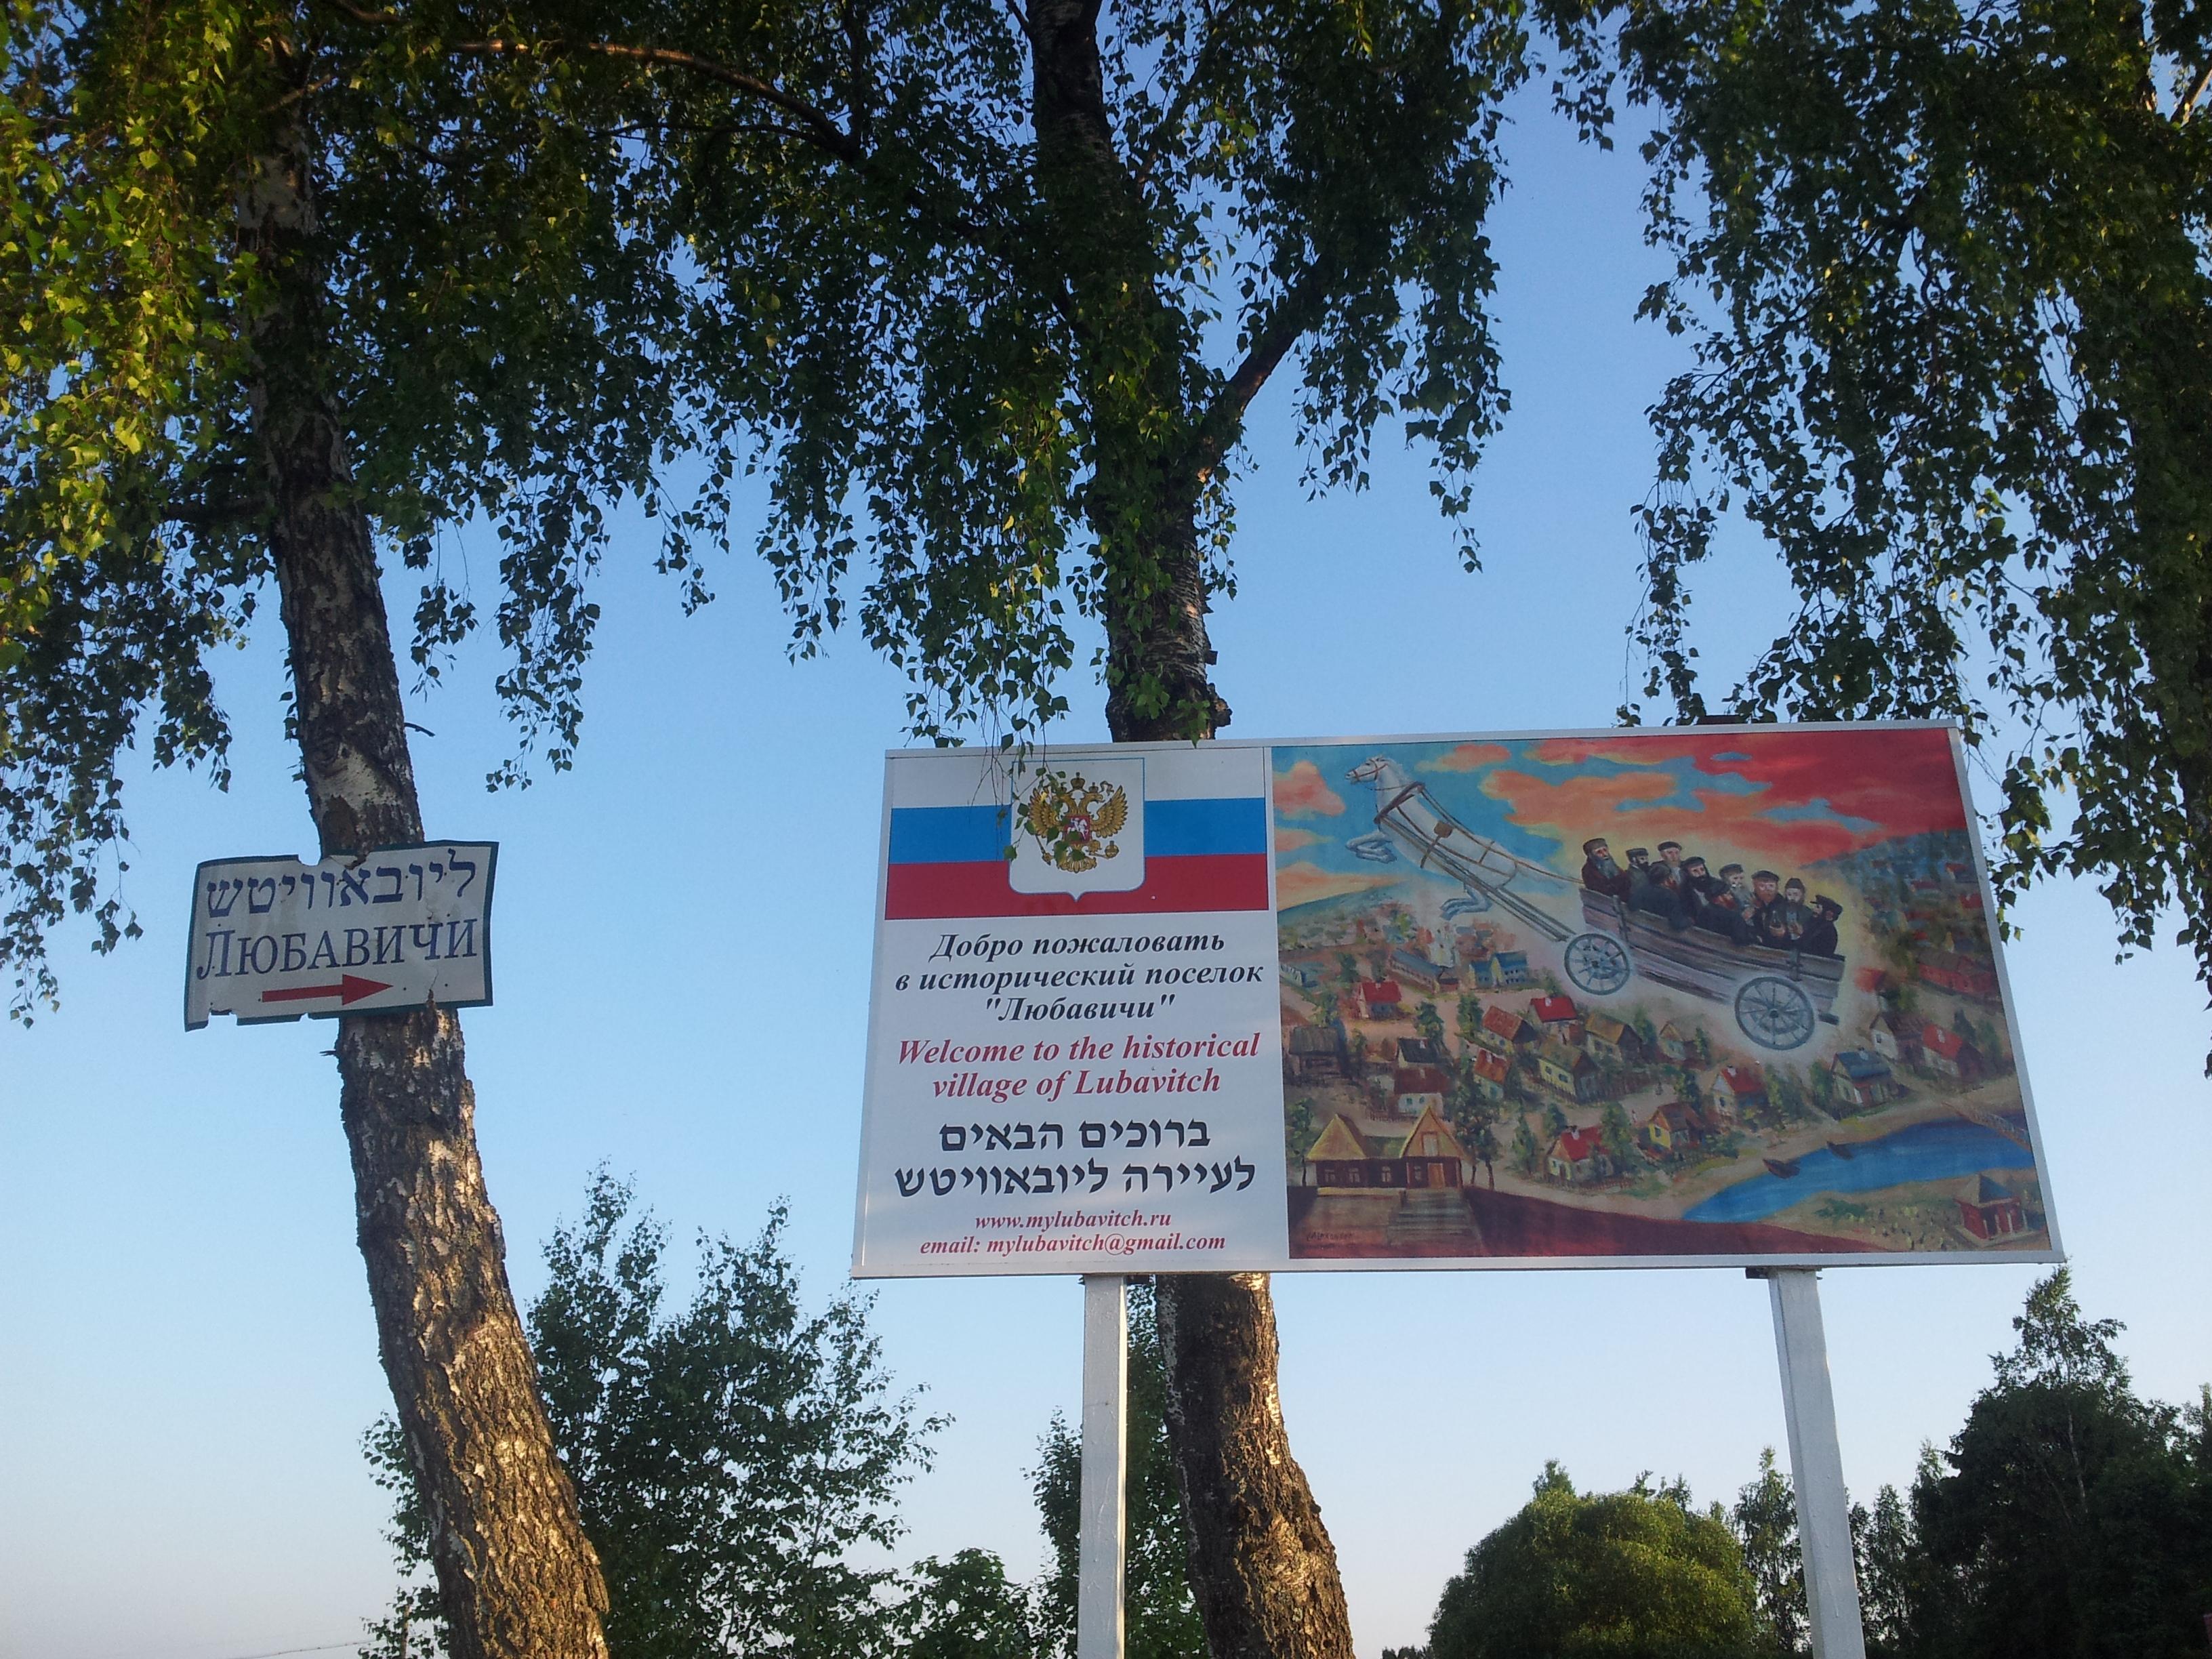 כניסה לעיירה ליובאוויטש